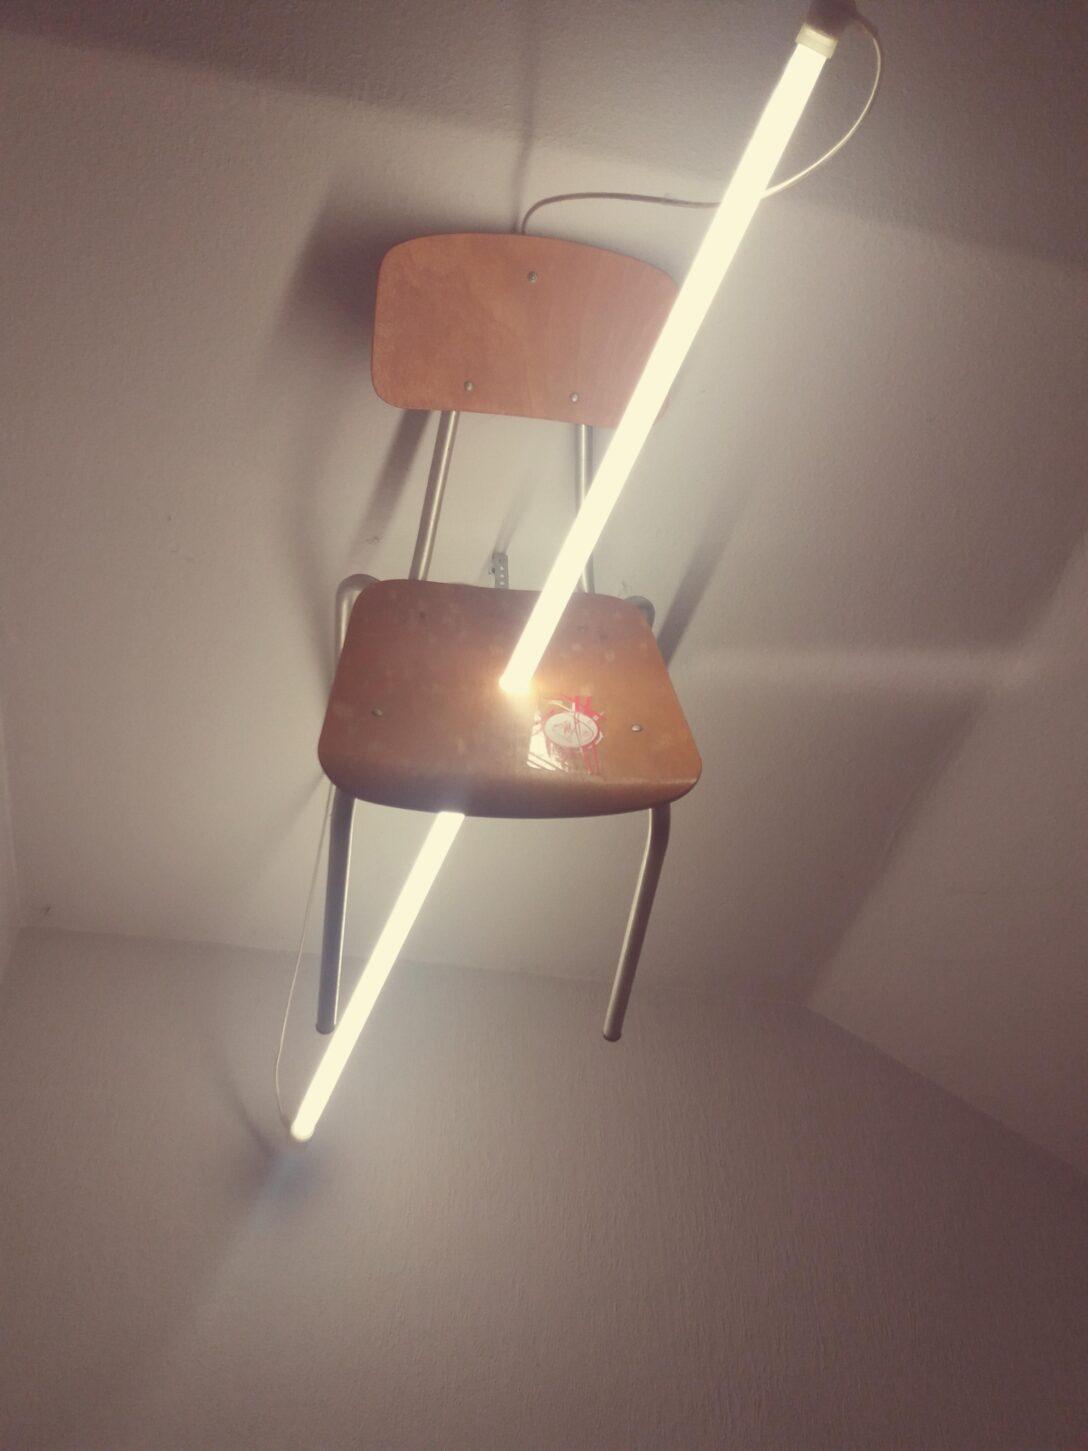 Large Size of Deckenlampen Ideen Wenn Dir Ausgehen Wohnzimmer Bad Renovieren Modern Für Tapeten Wohnzimmer Deckenlampen Ideen